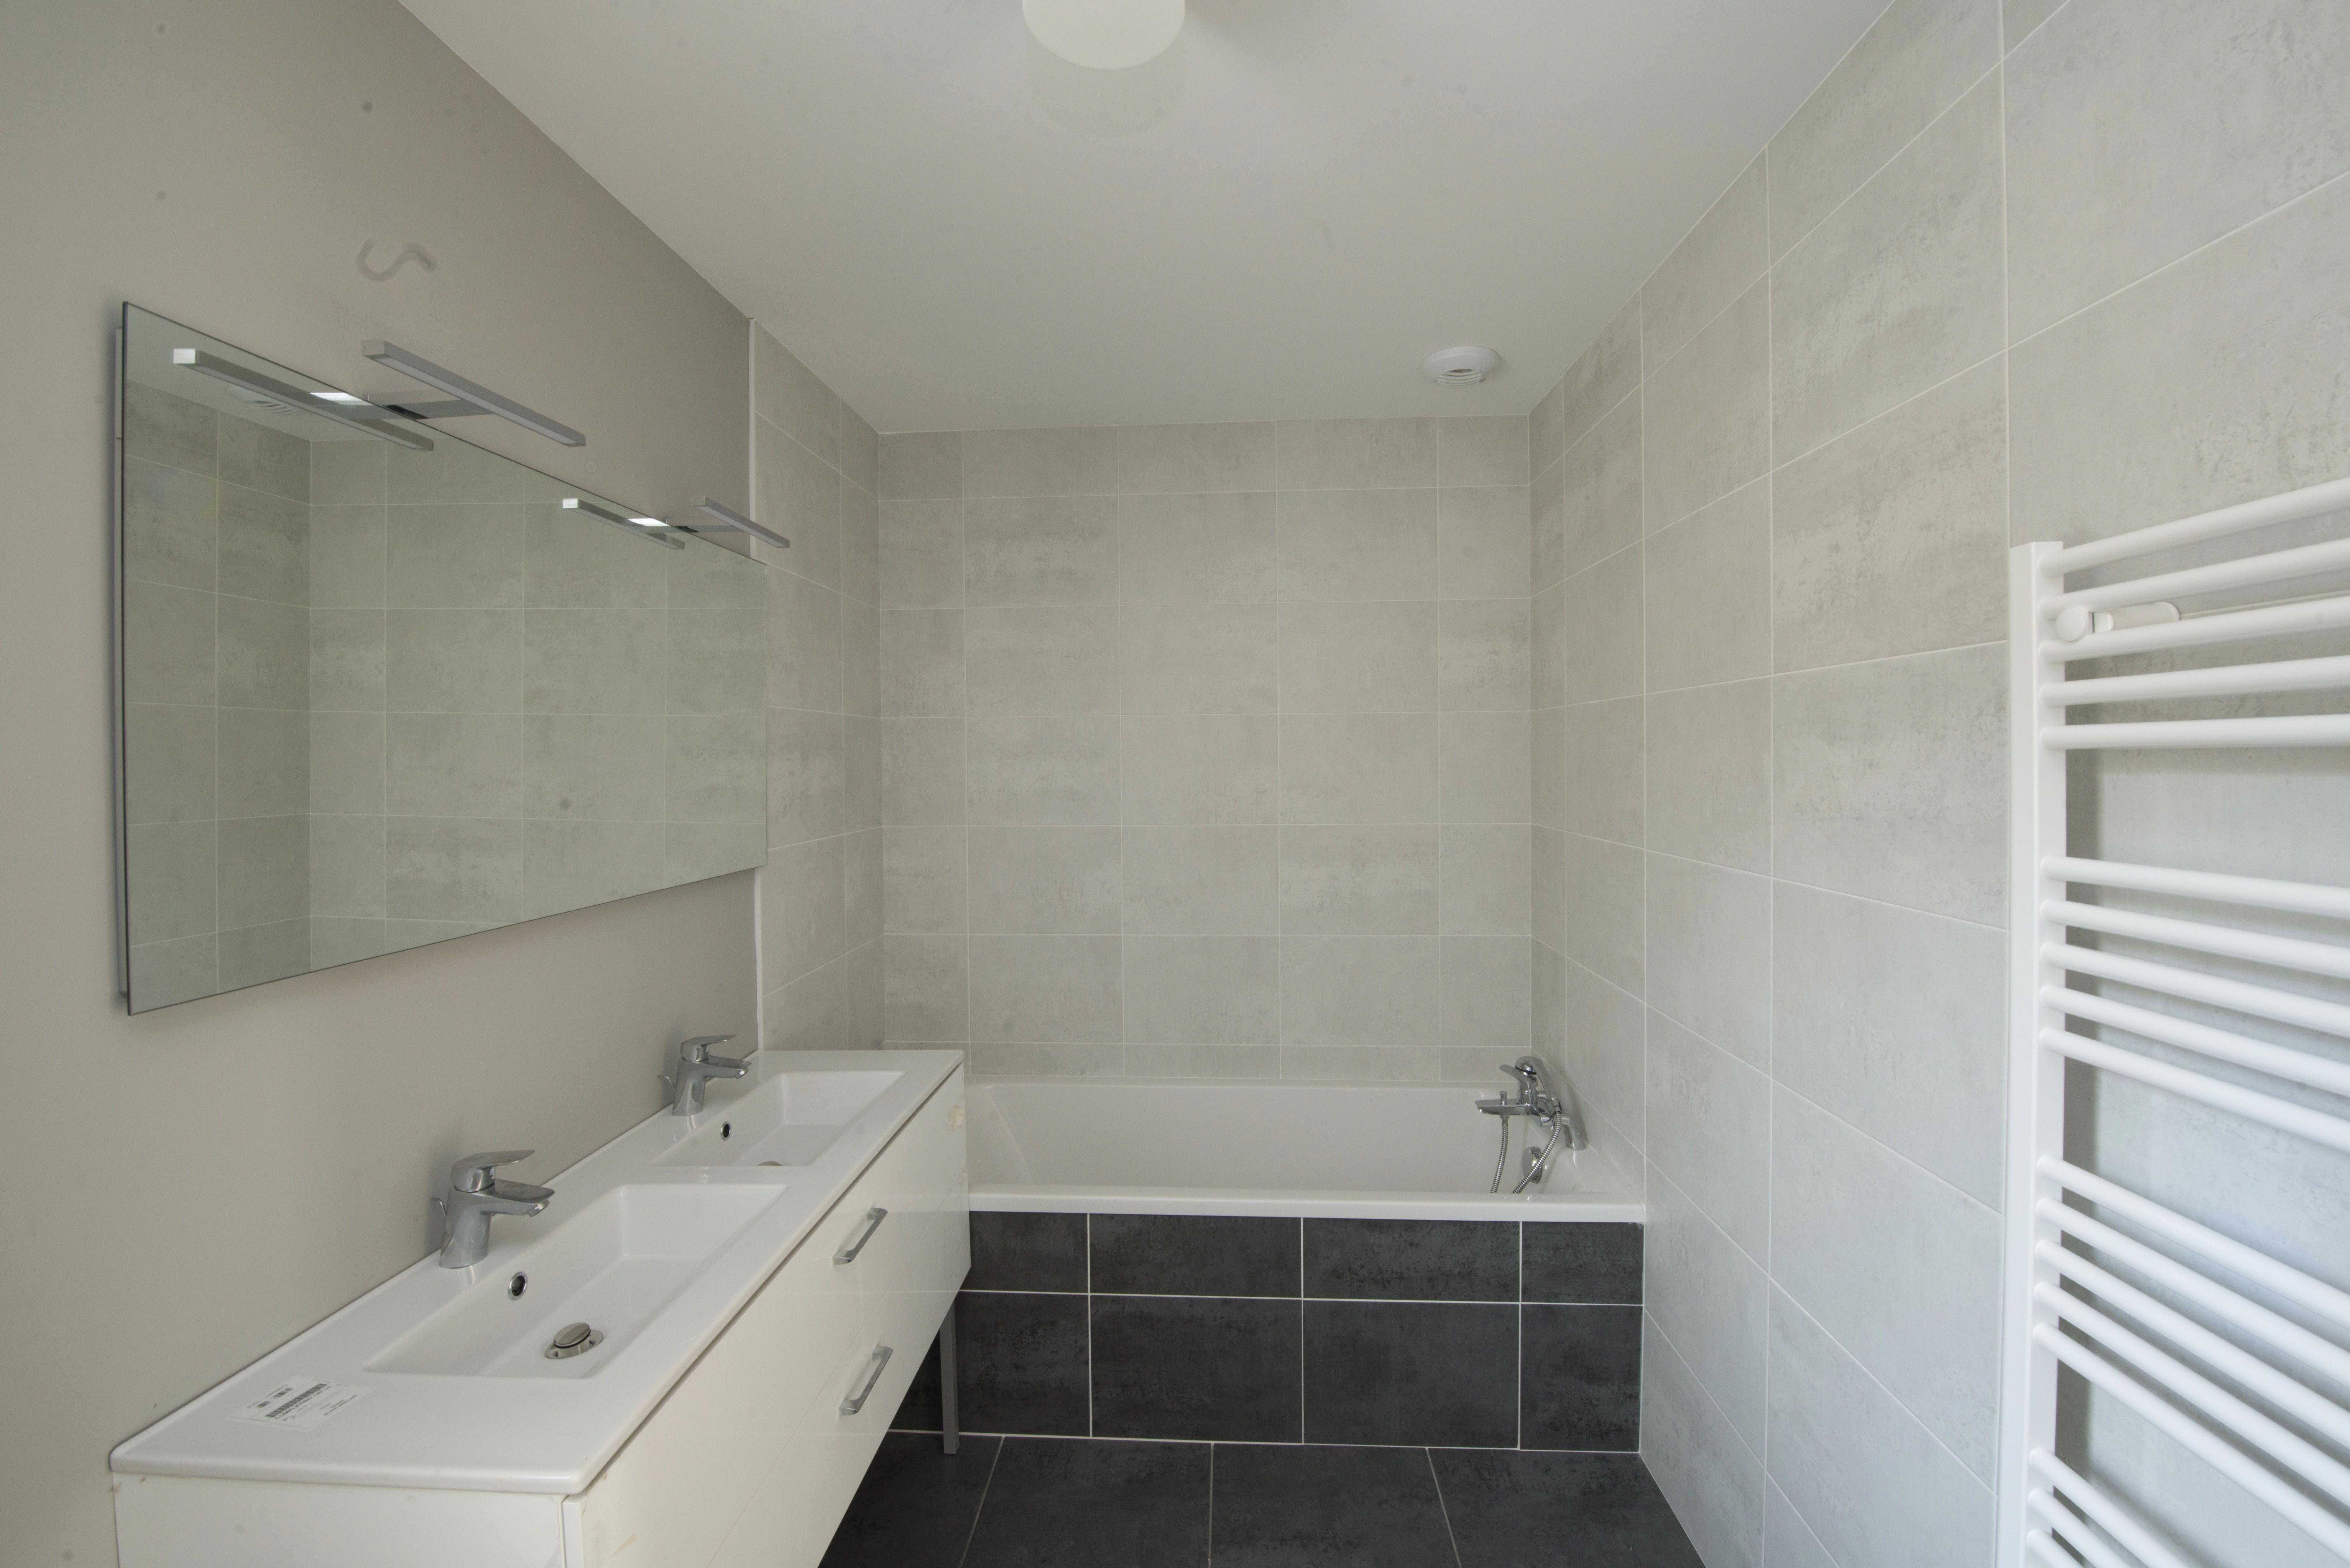 Type De Salle De Bain salle de bain de la maison témoin décorée, de type